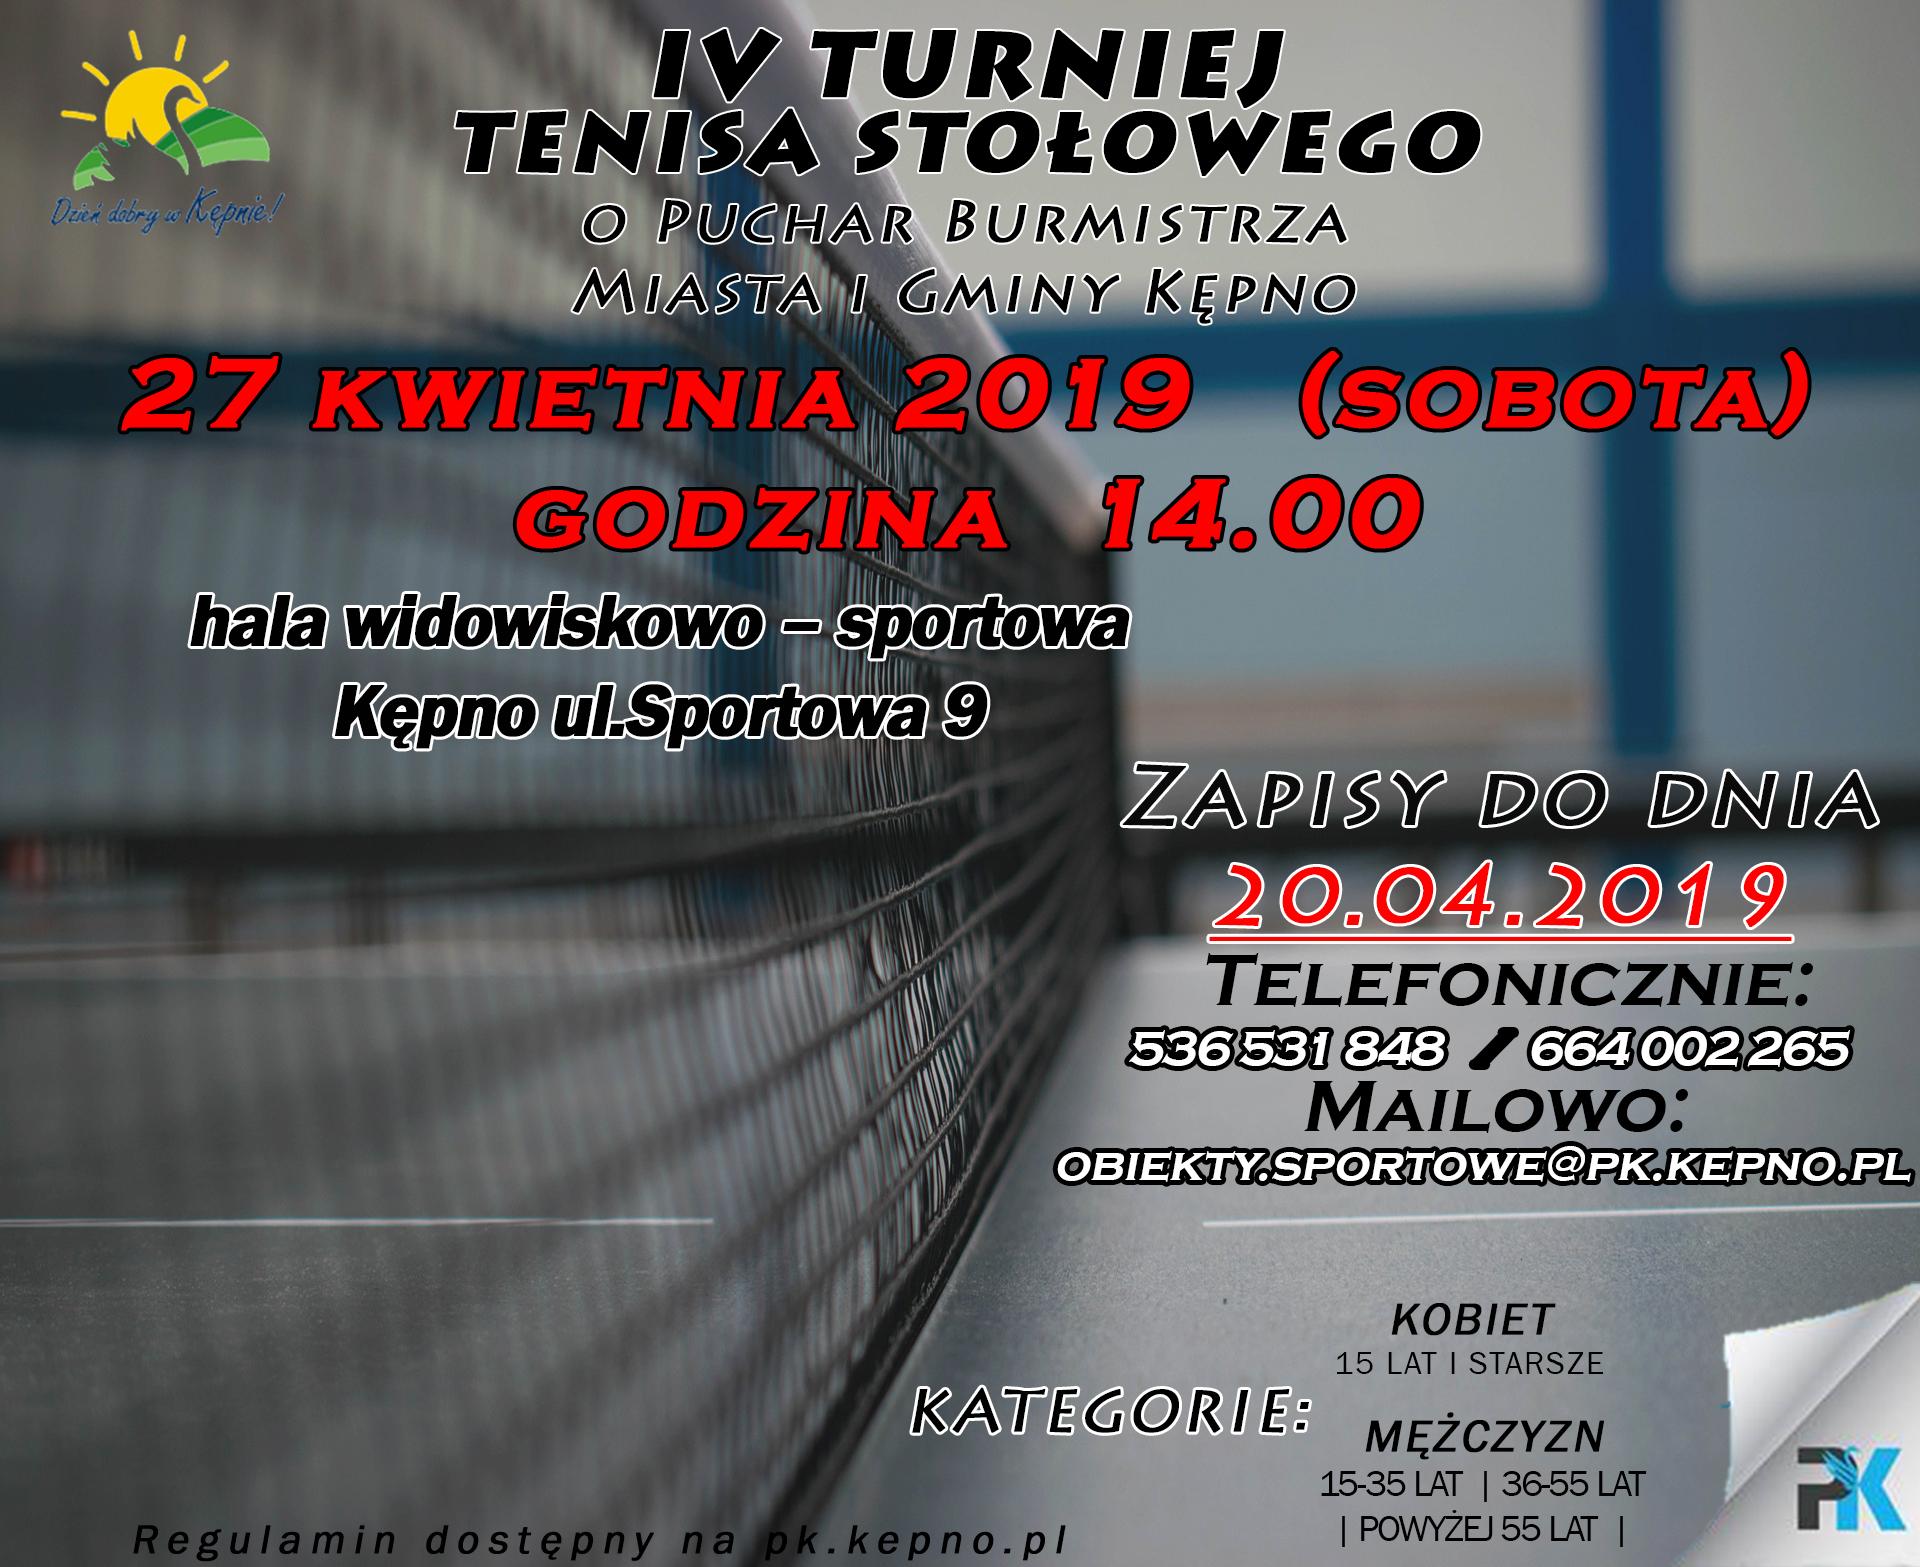 Plakat turnieju IV Turniej Tenisa Stołowego - o puchar Burmistrza Miasta i Gminy Kępno